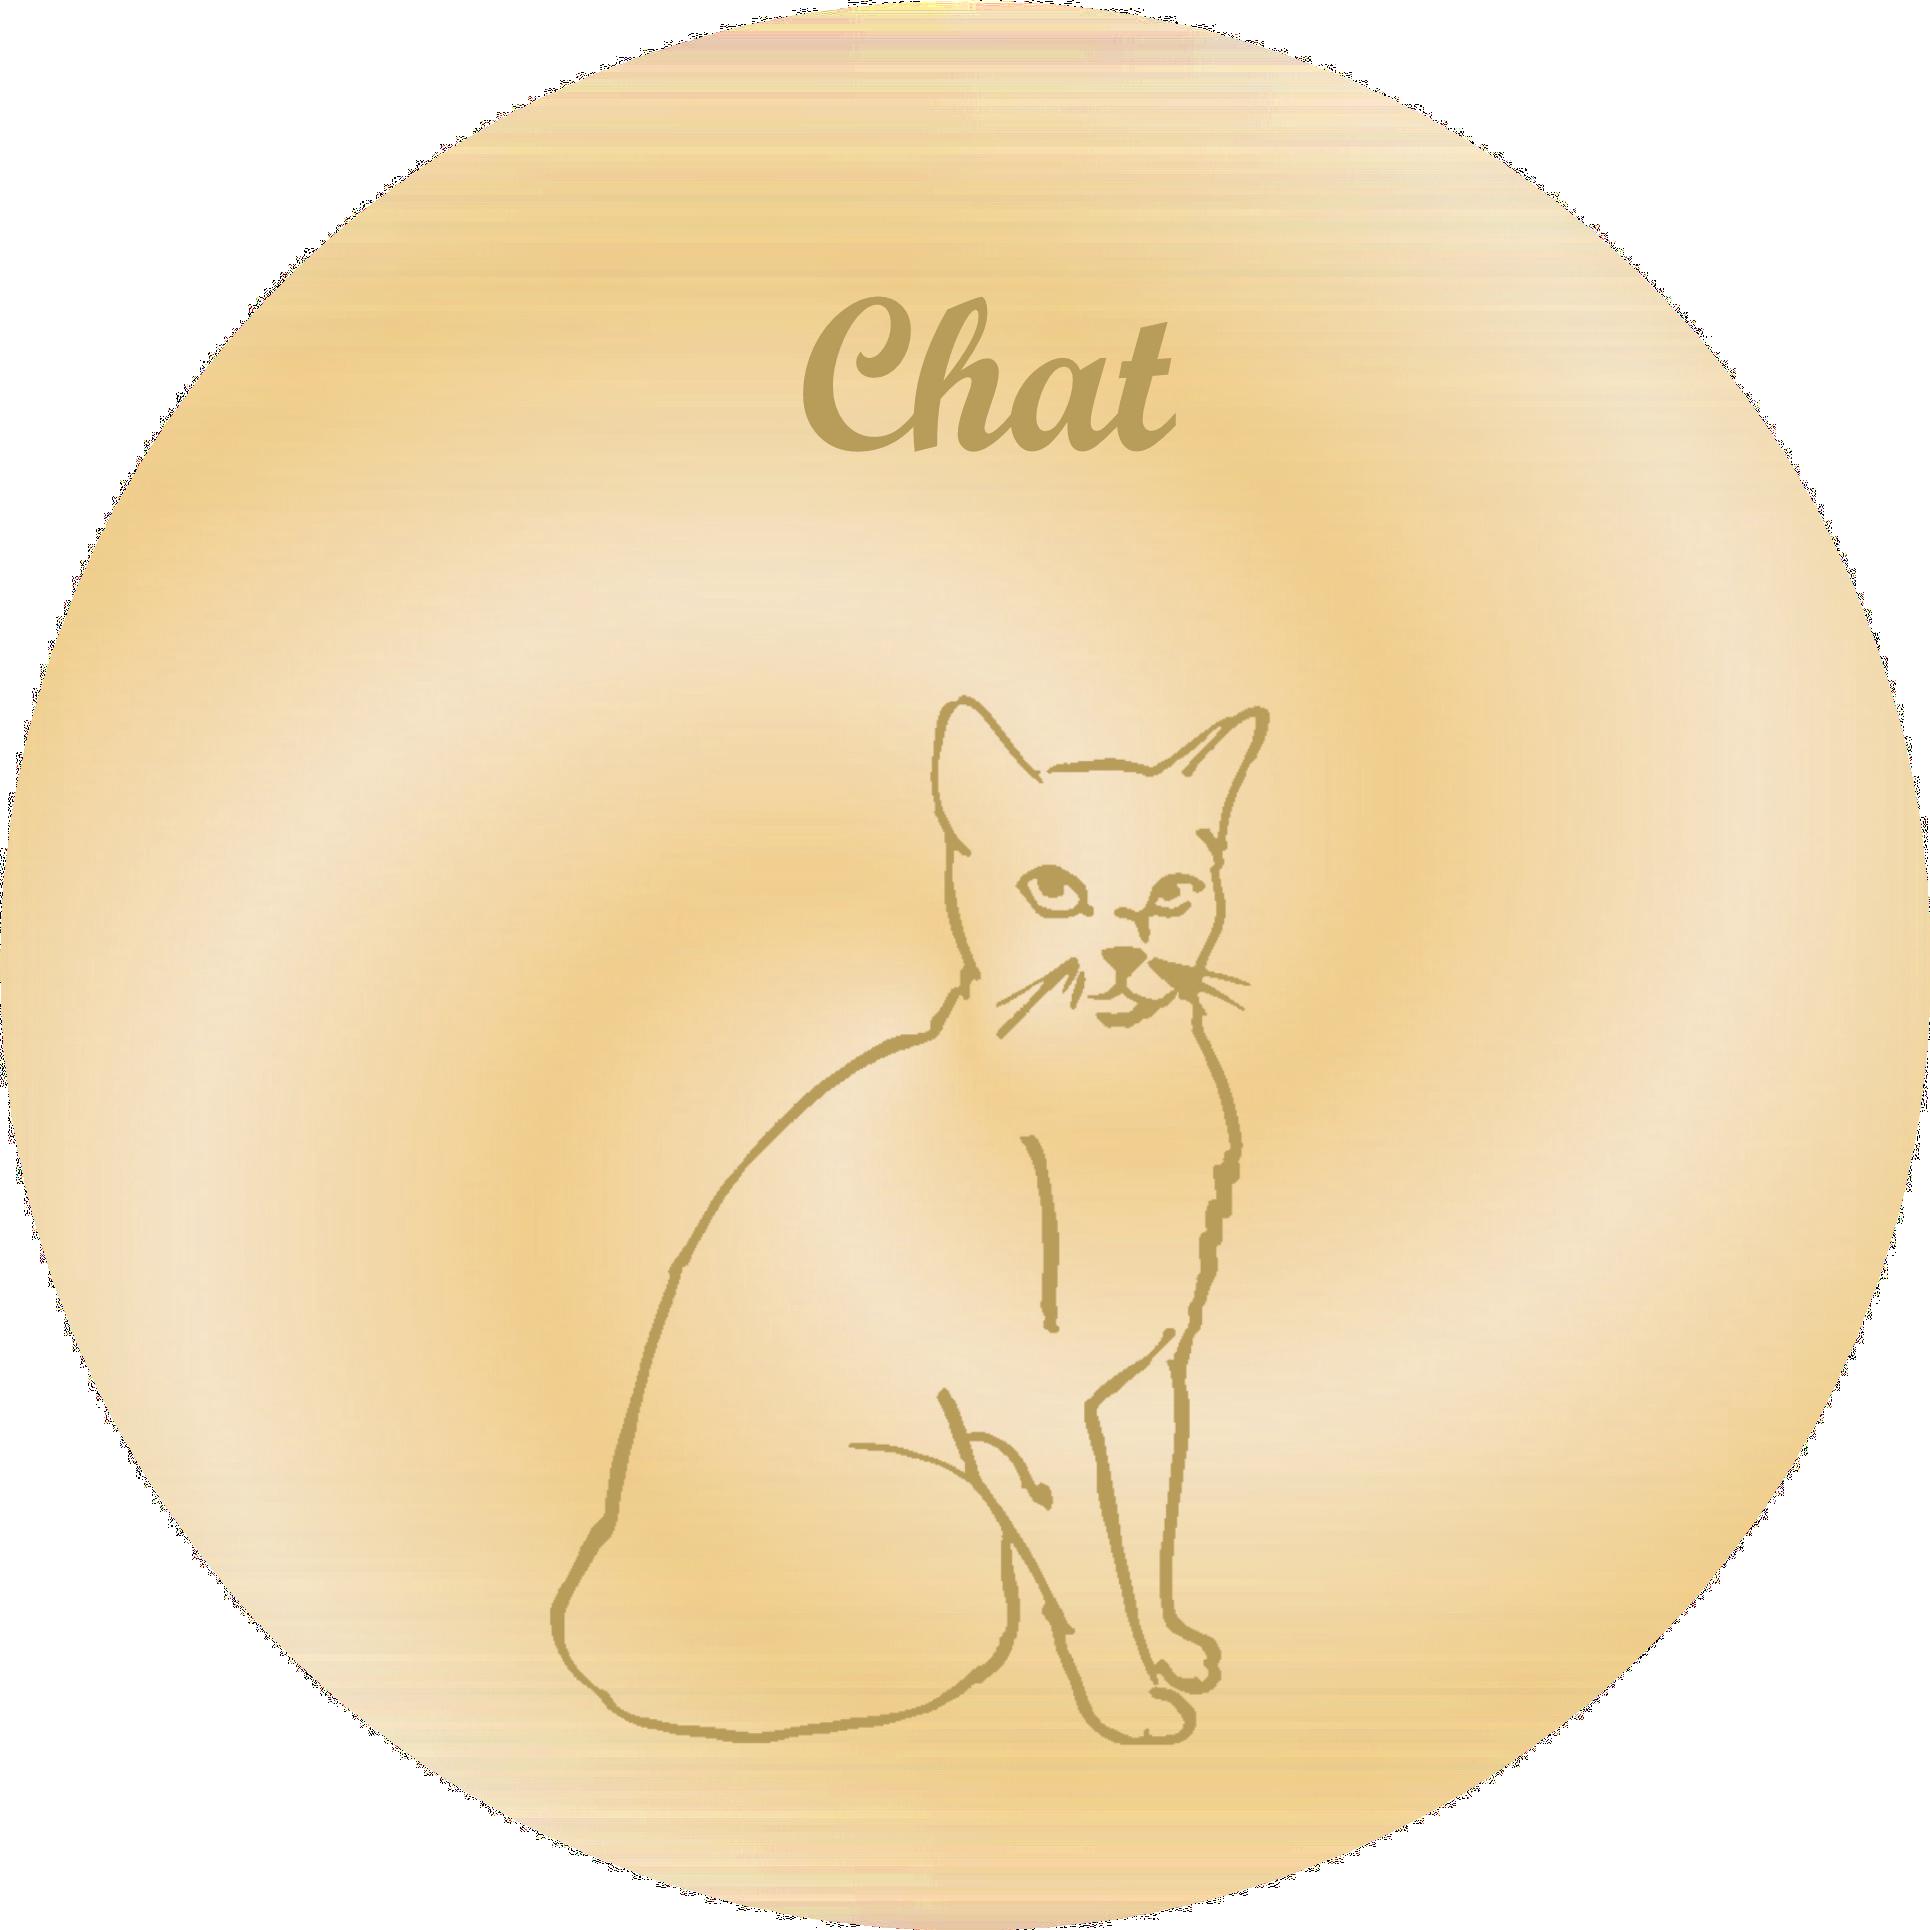 gravure theme chats pour plaques funeraires